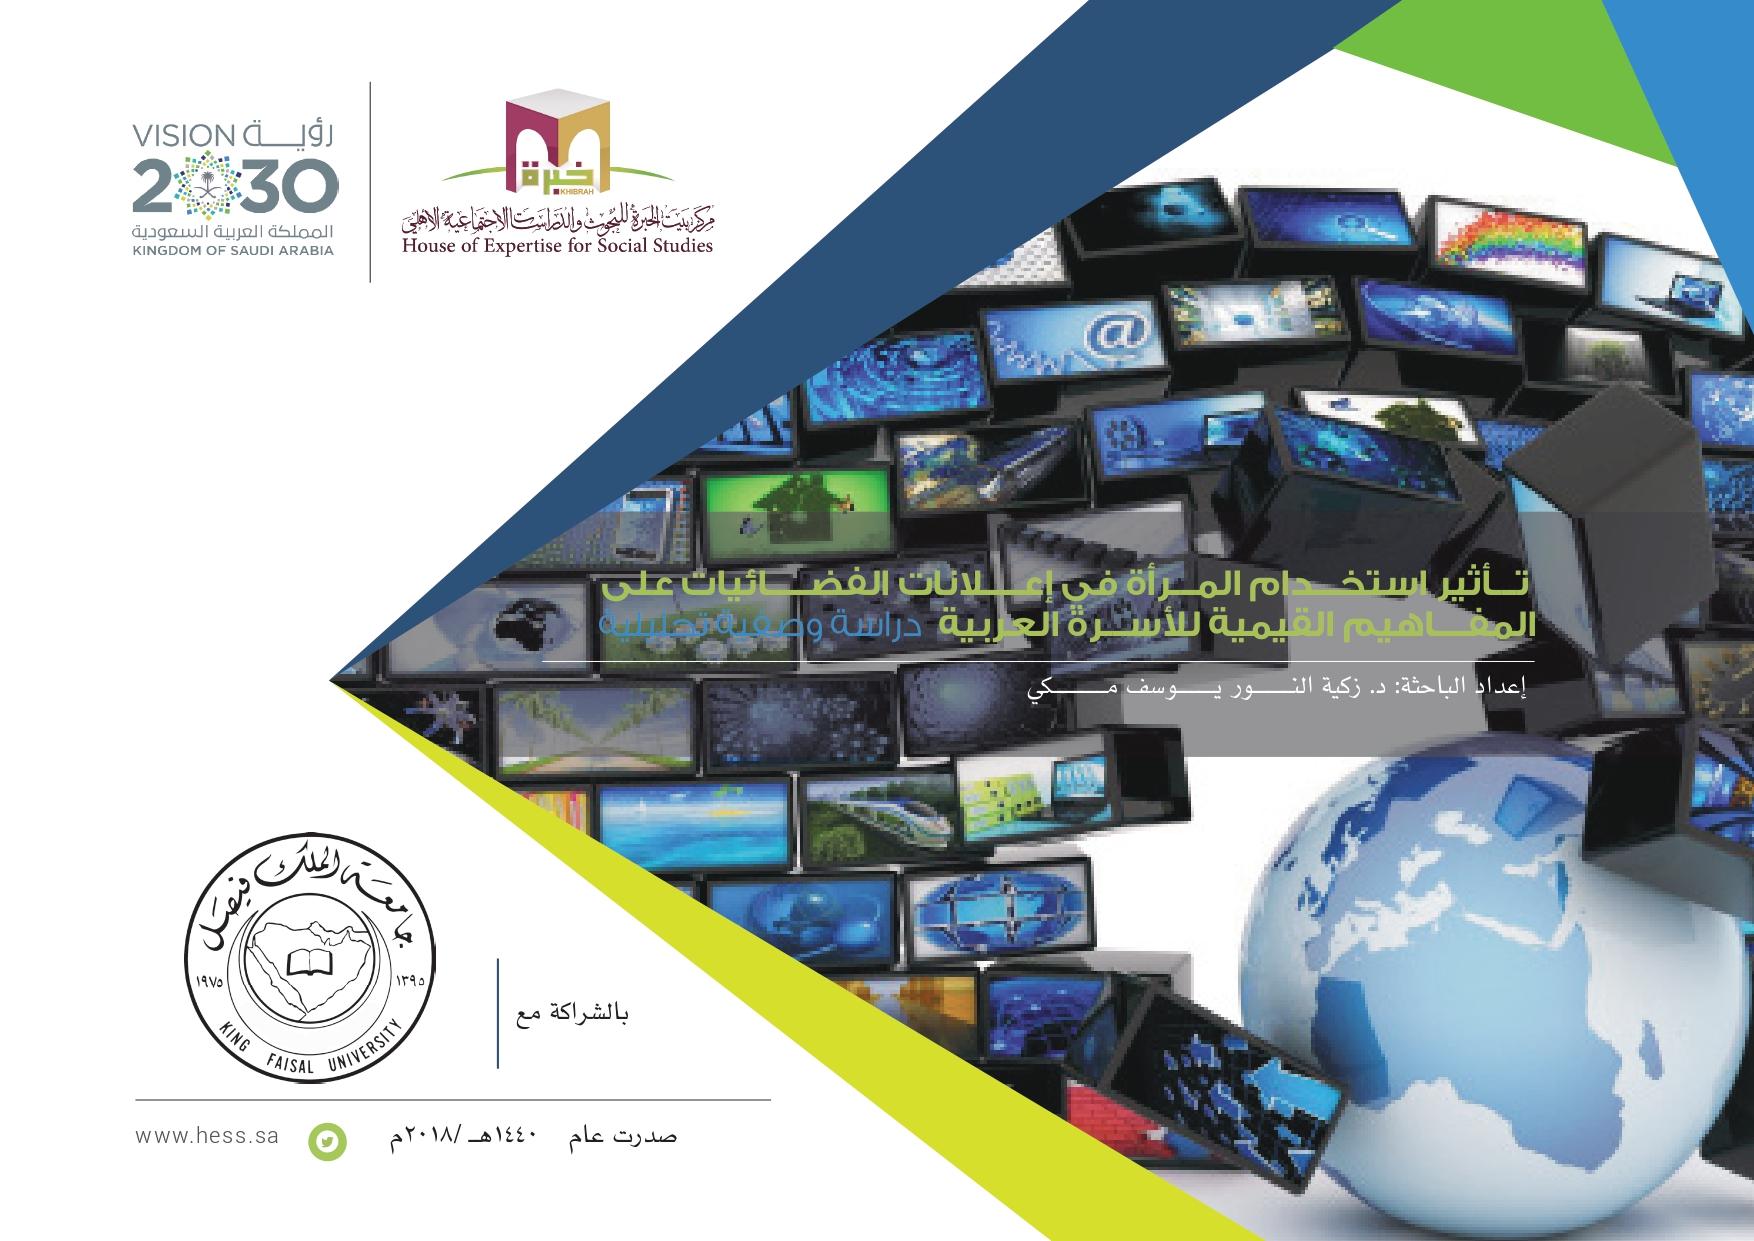 تأثير استخدام المرأة في إعلانات الفضائيات على المفاهيم القيمية للأسرة العربية دراسة وصفية تحليلية